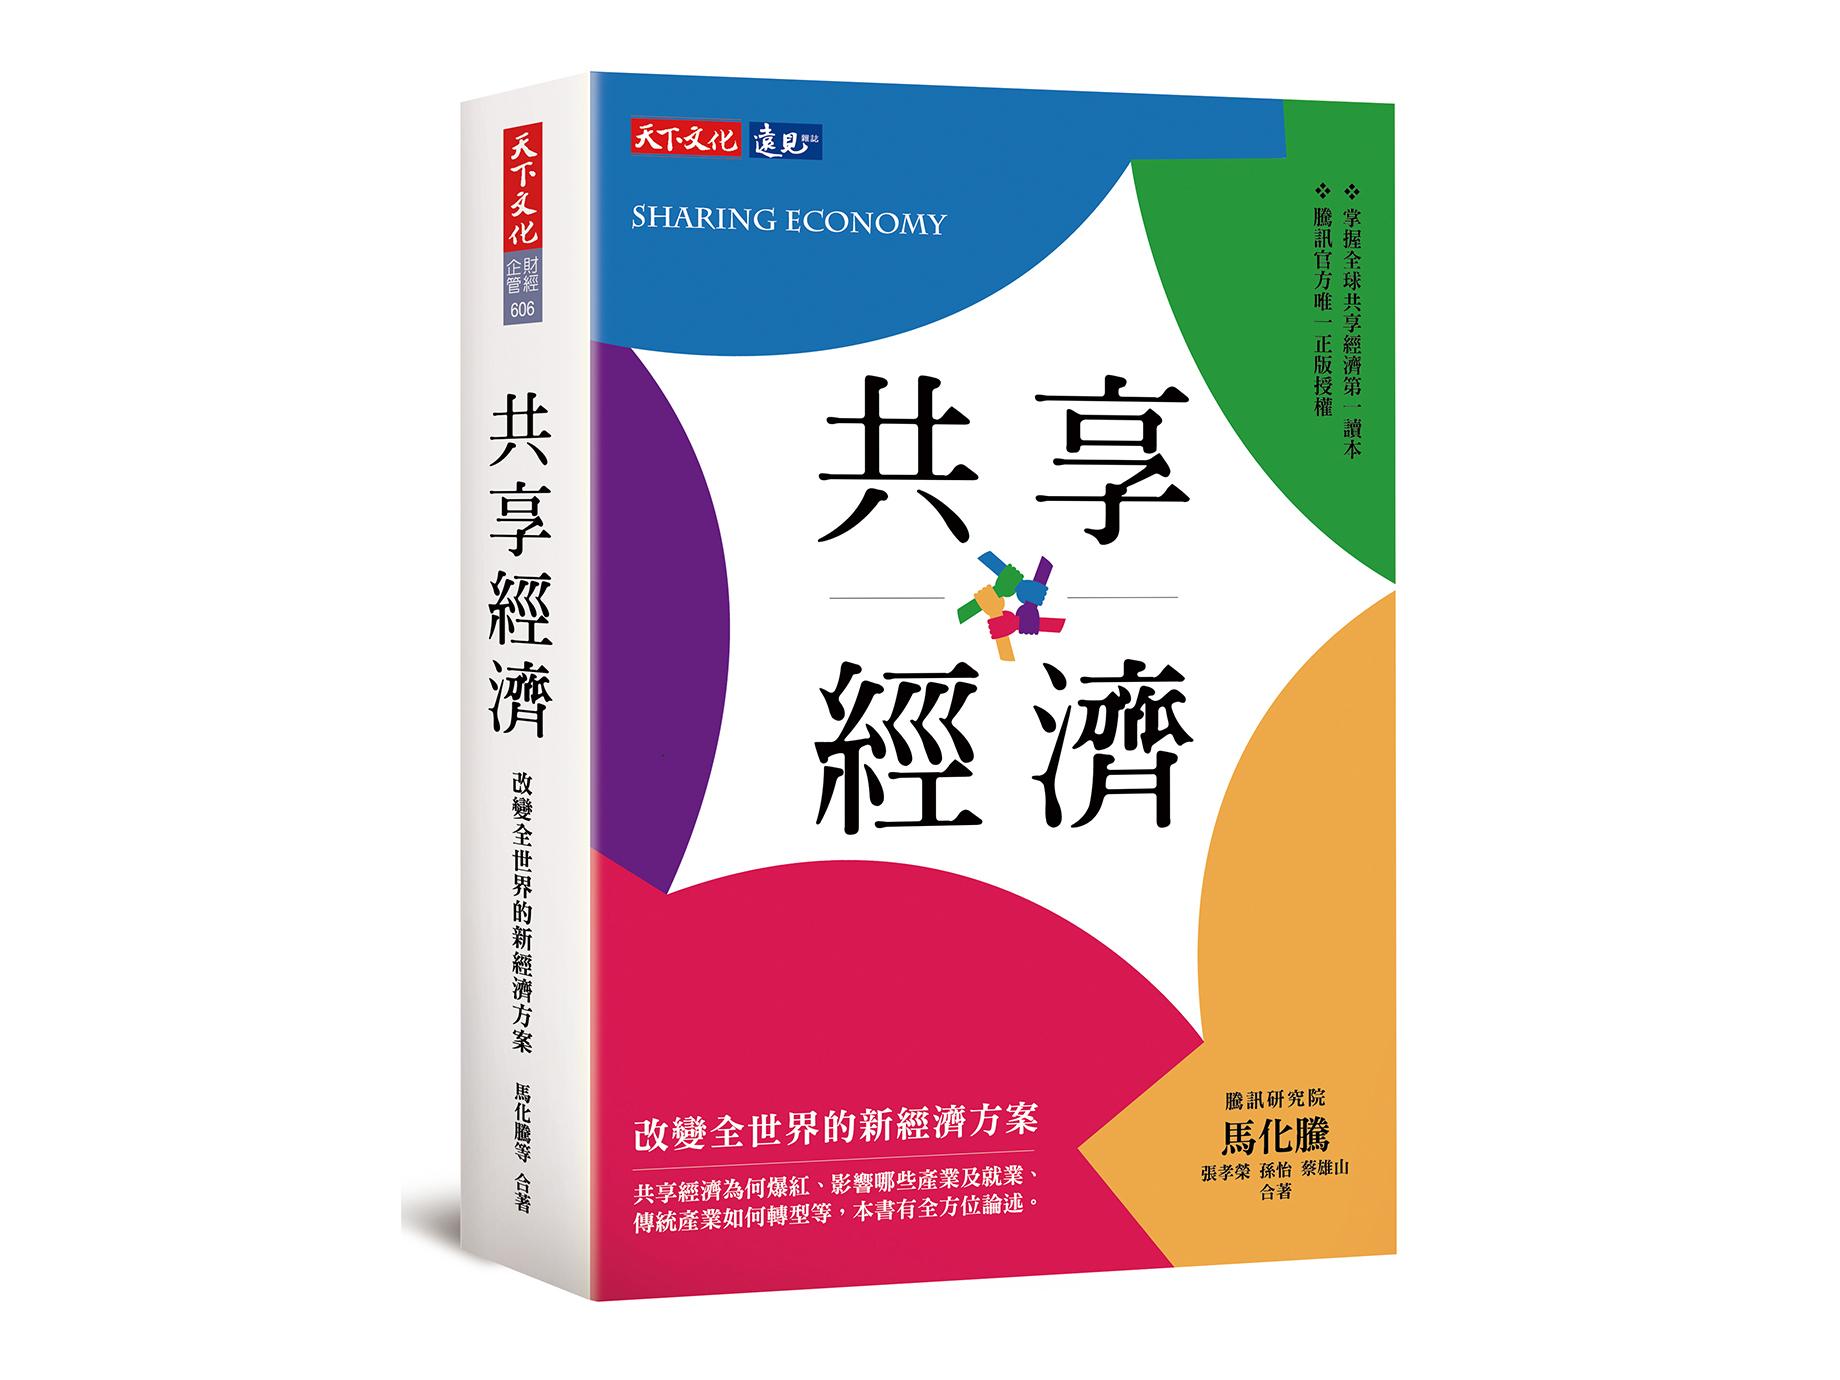 新書搶先看》馬化騰:共享經濟改變世界的3種模式